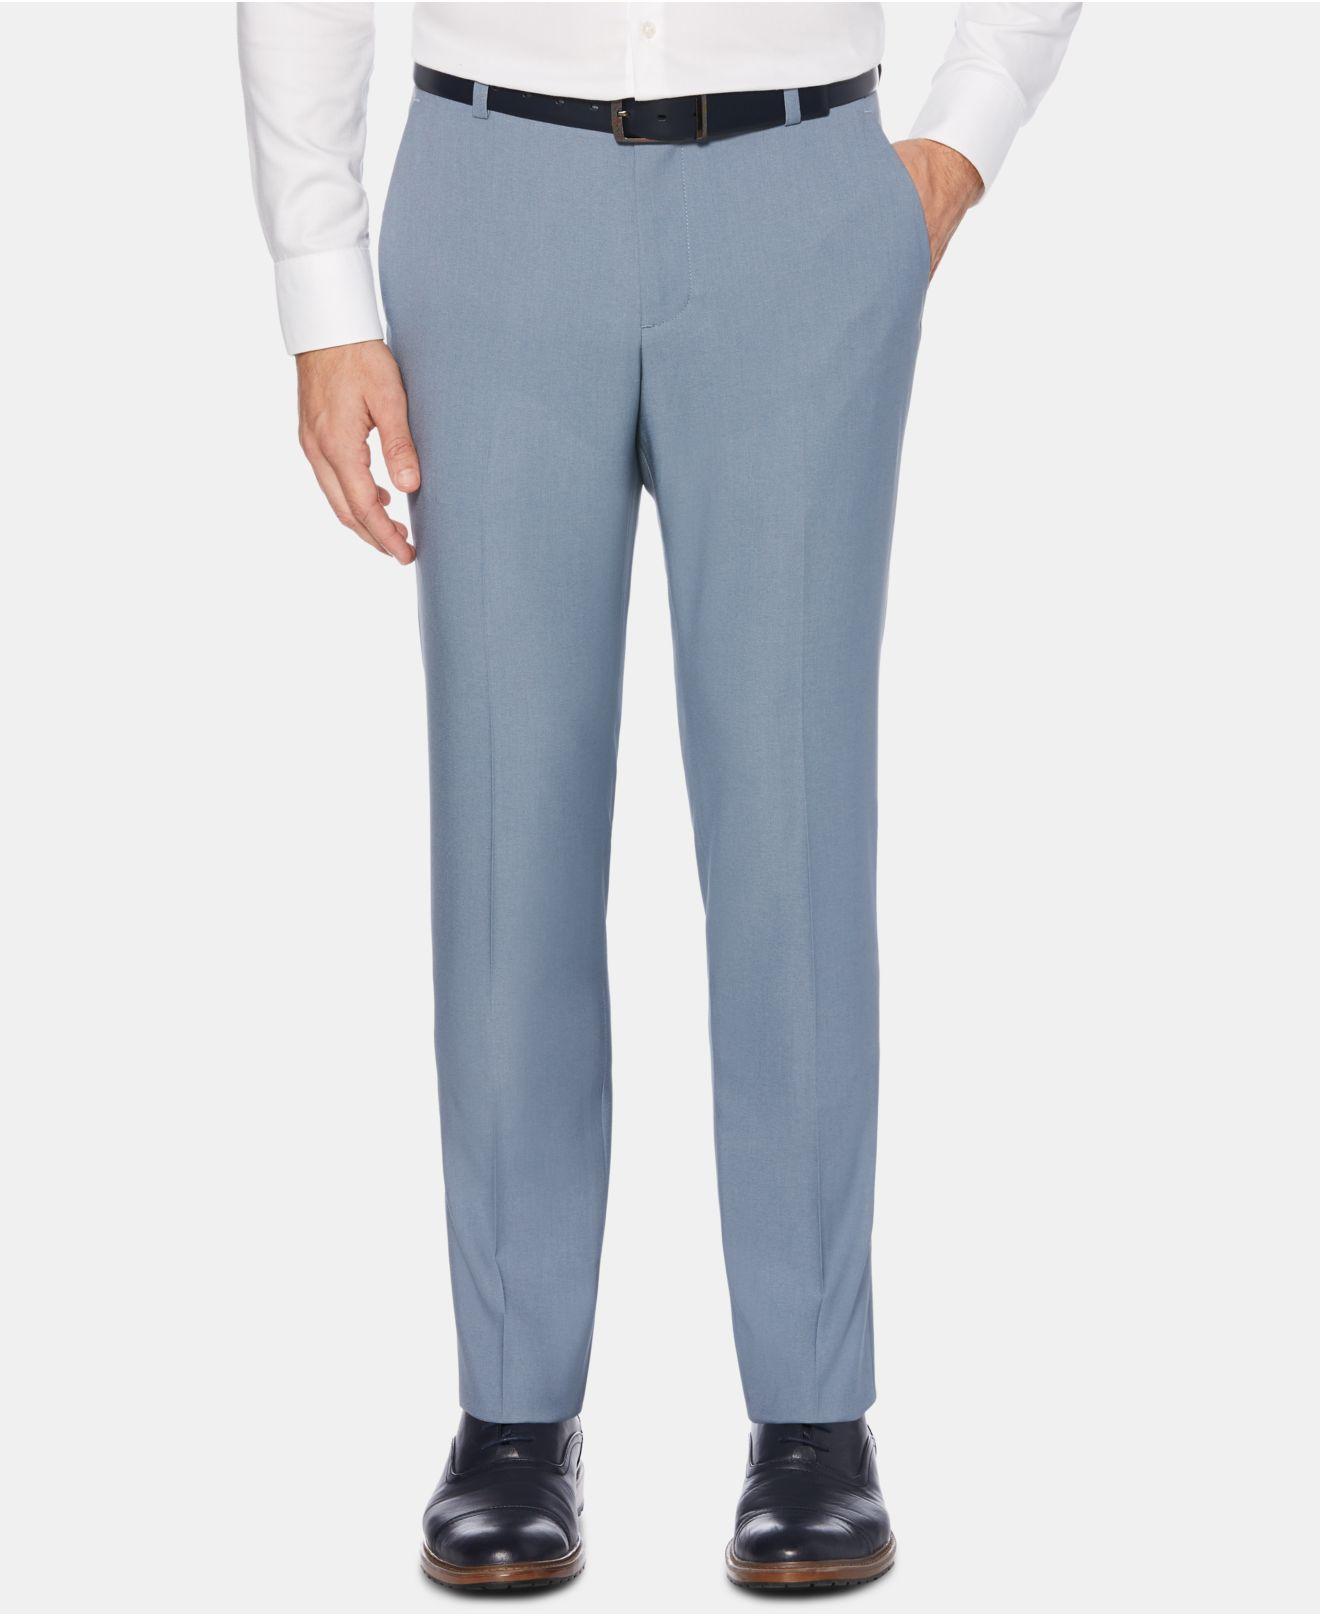 45c40d30d920 Perry Ellis. Men s Blue Portfolio Extra-slim Fit Performance Stretch  Heather Non-iron Dress Pants